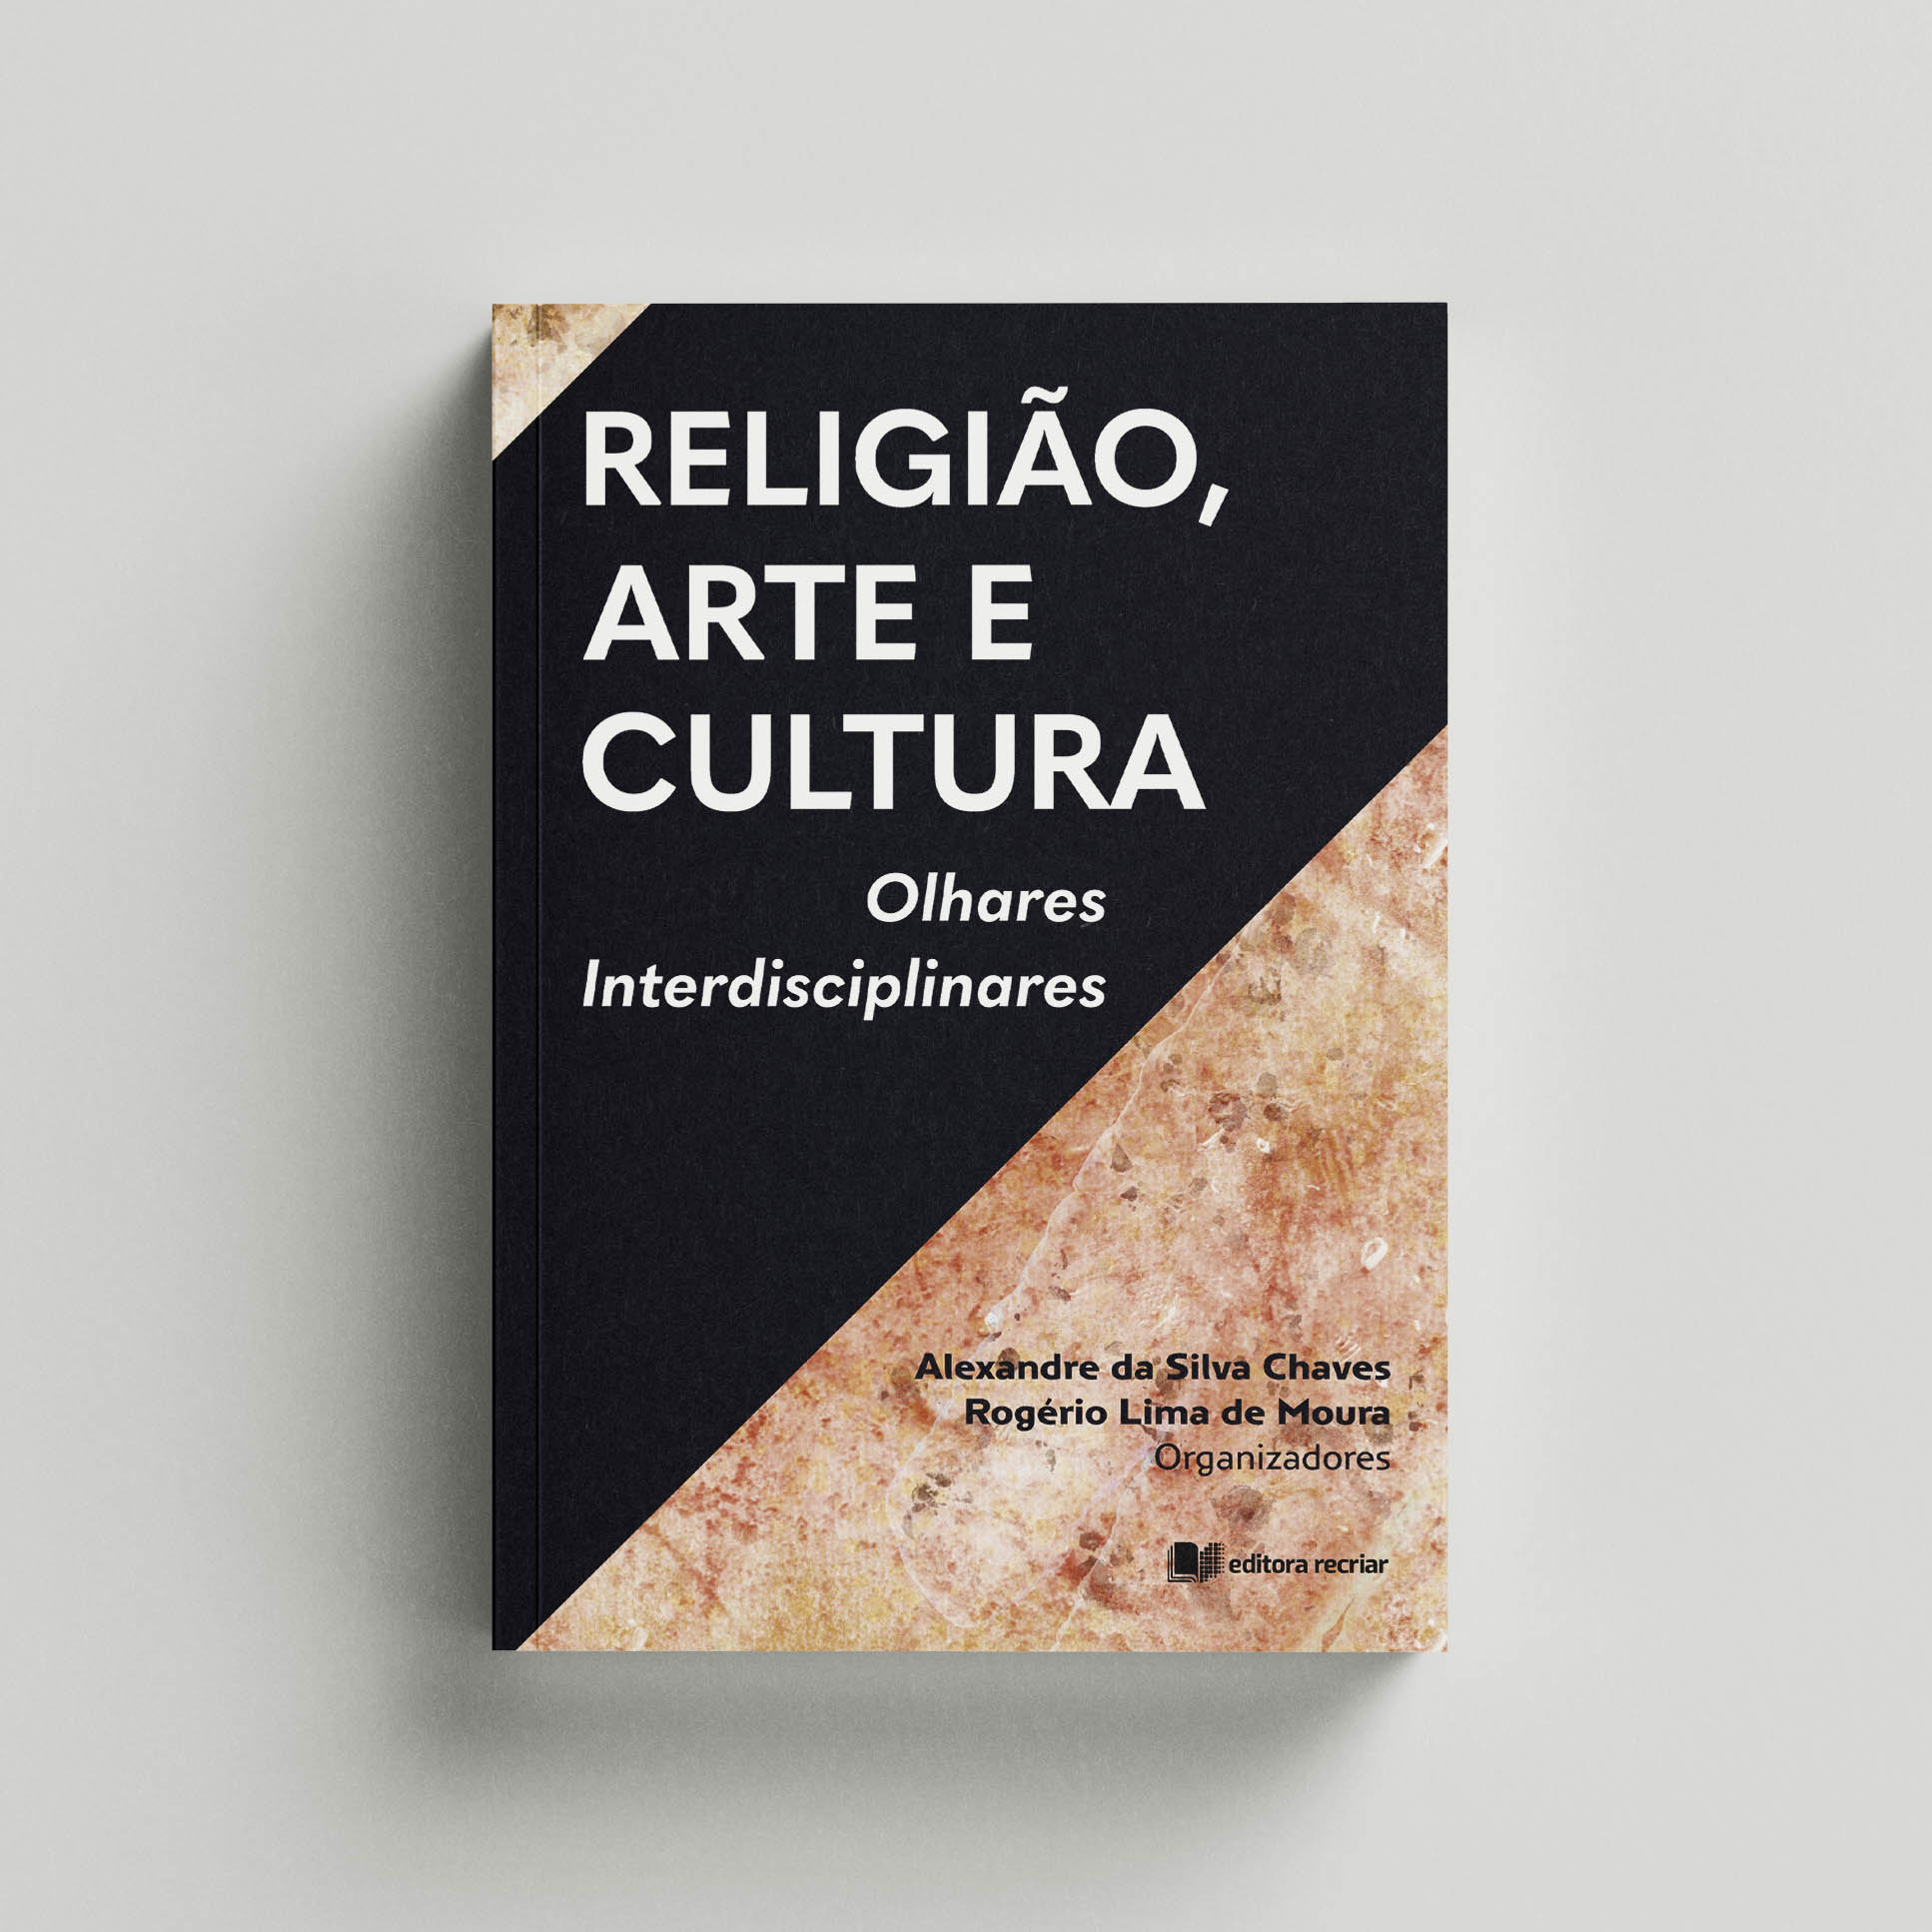 Religião, arte e cultura: Olhares Interdisciplinares - Alexandre da Silva Chaves; Rogério Lima de Moura